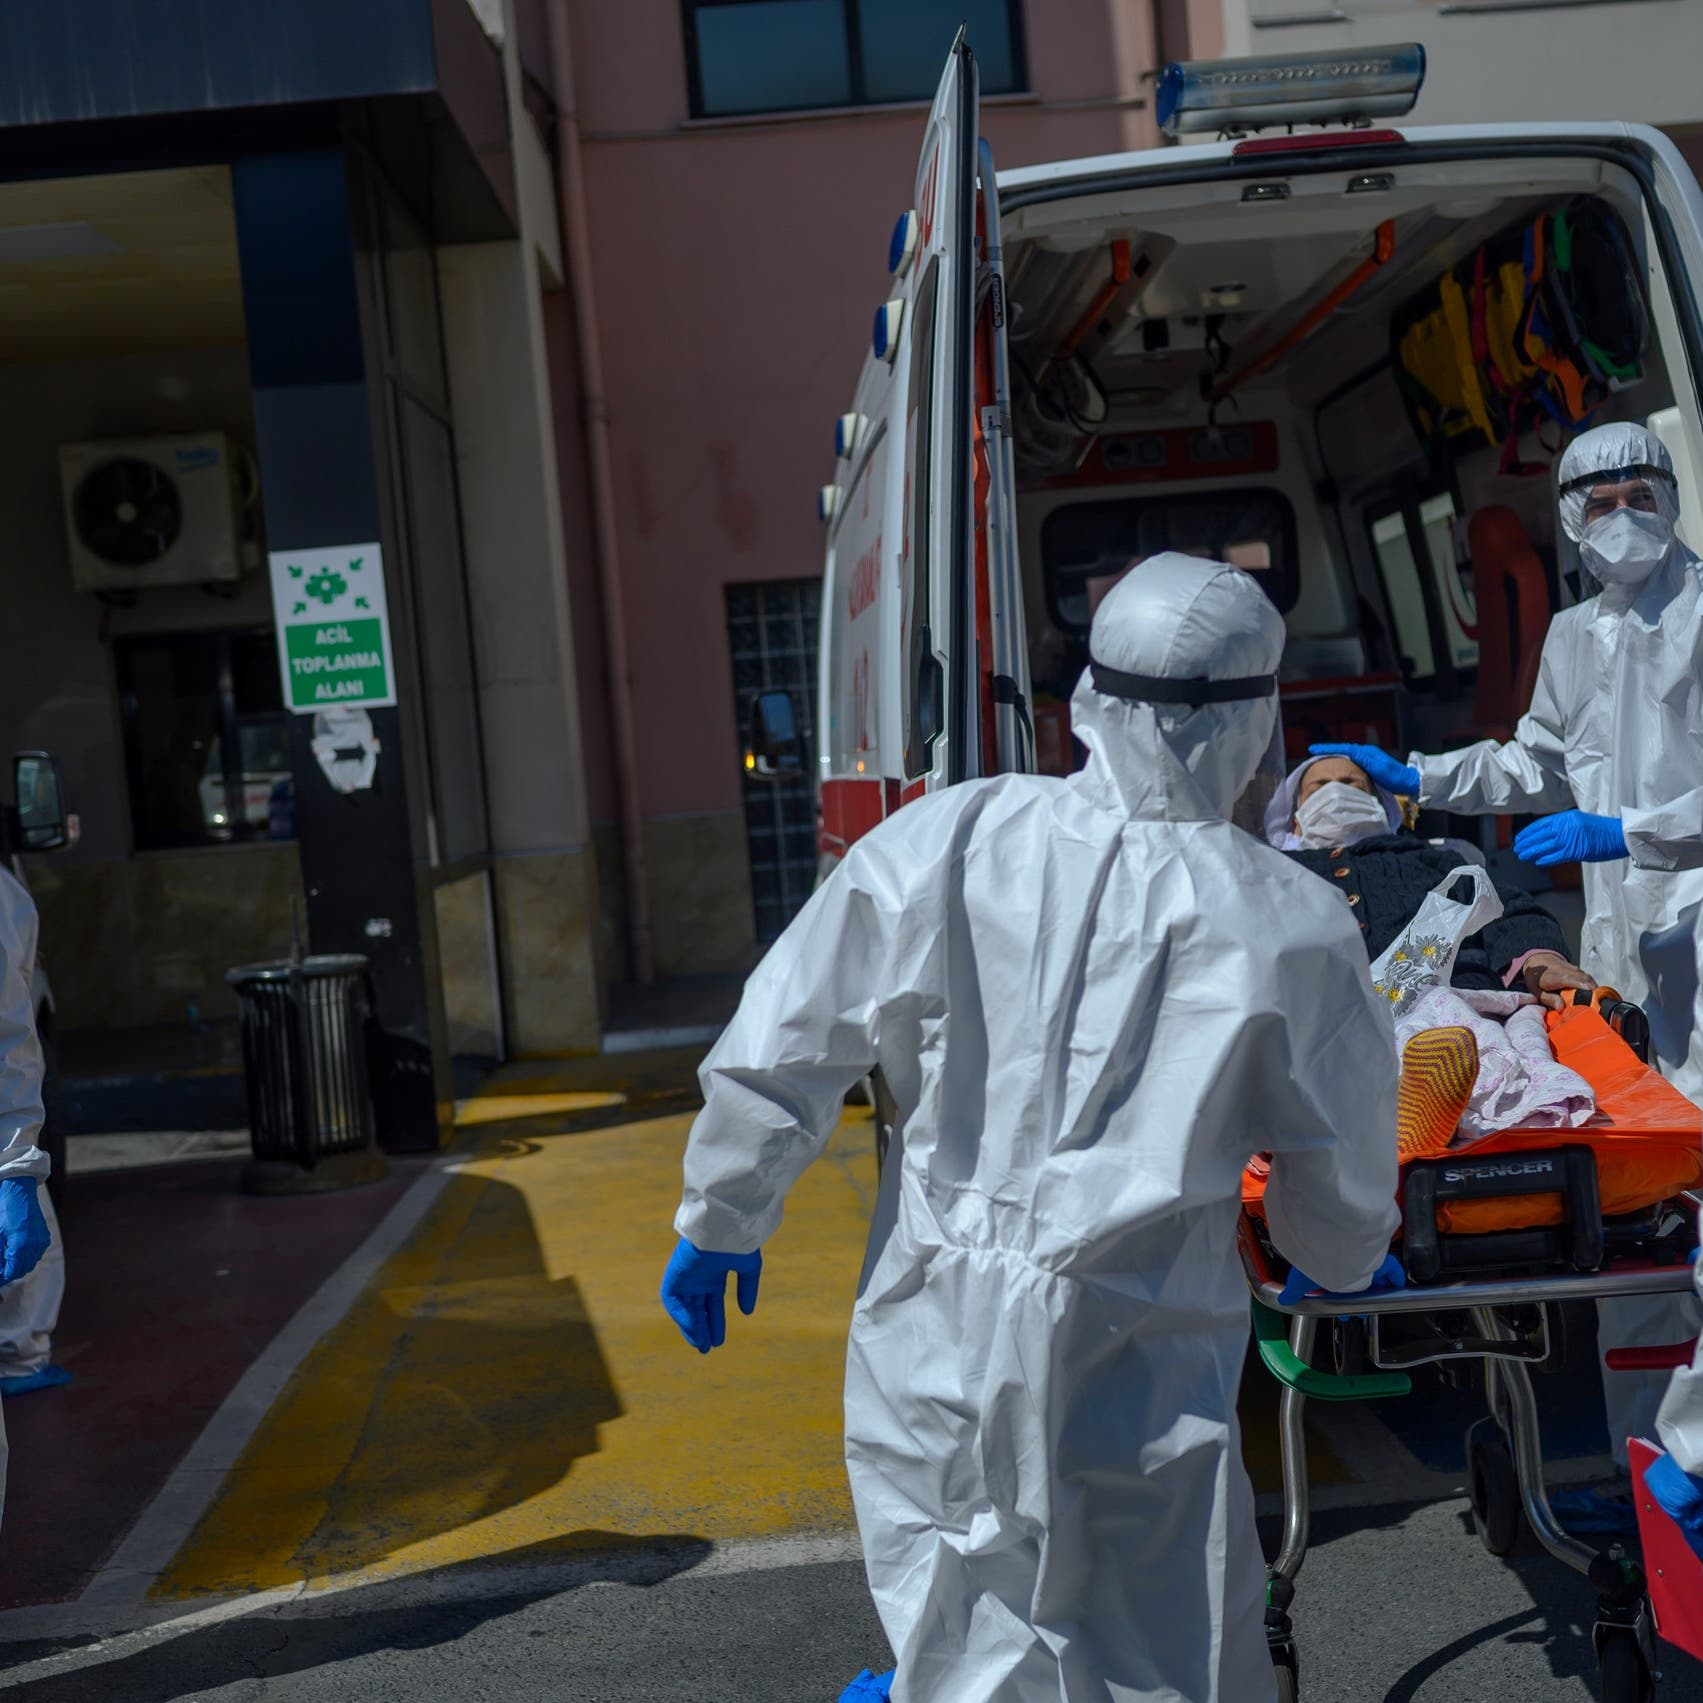 منظمات طبية تحذر: الموجة الثانية للوباء في تركيا تقترب